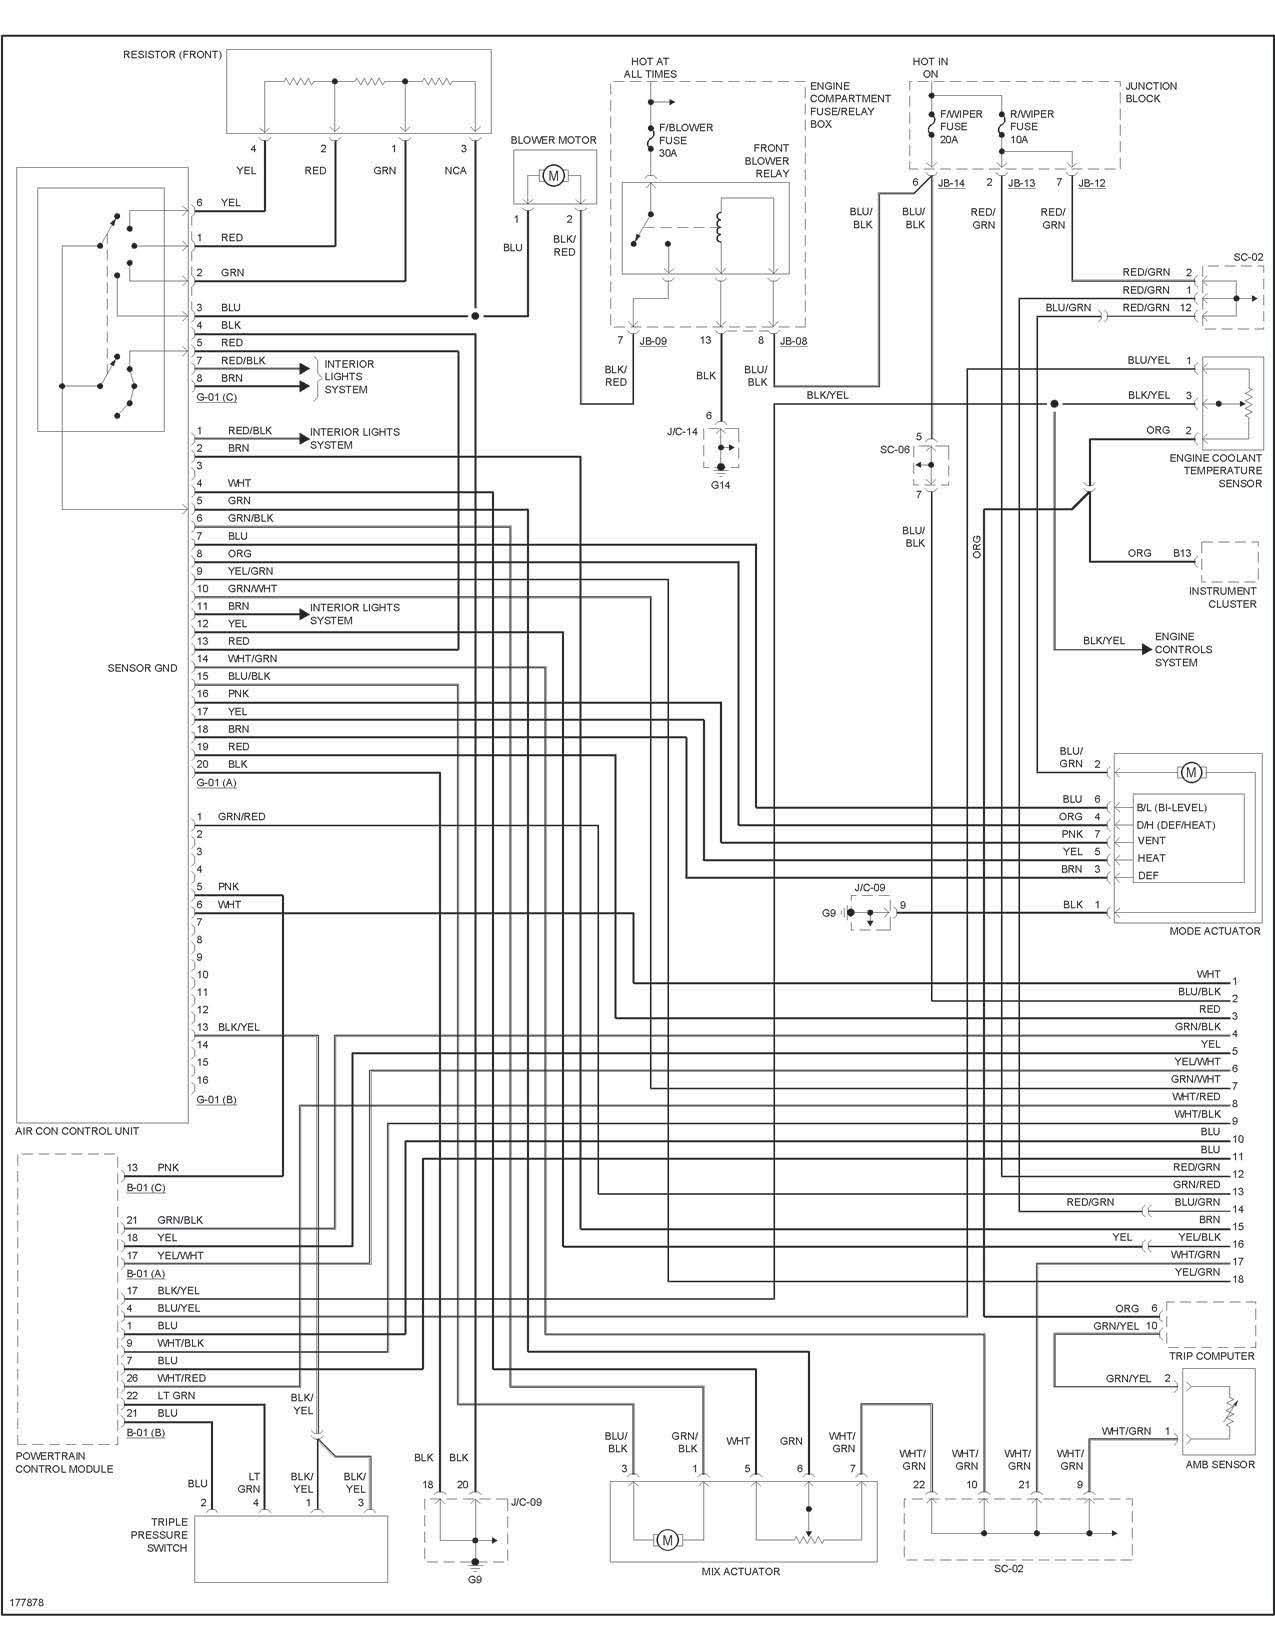 2004 Kia sorento Parts Diagram Wiring Diagram for Kia Sedona 2003 User Guide Of Wiring Of 2004 Kia sorento Parts Diagram